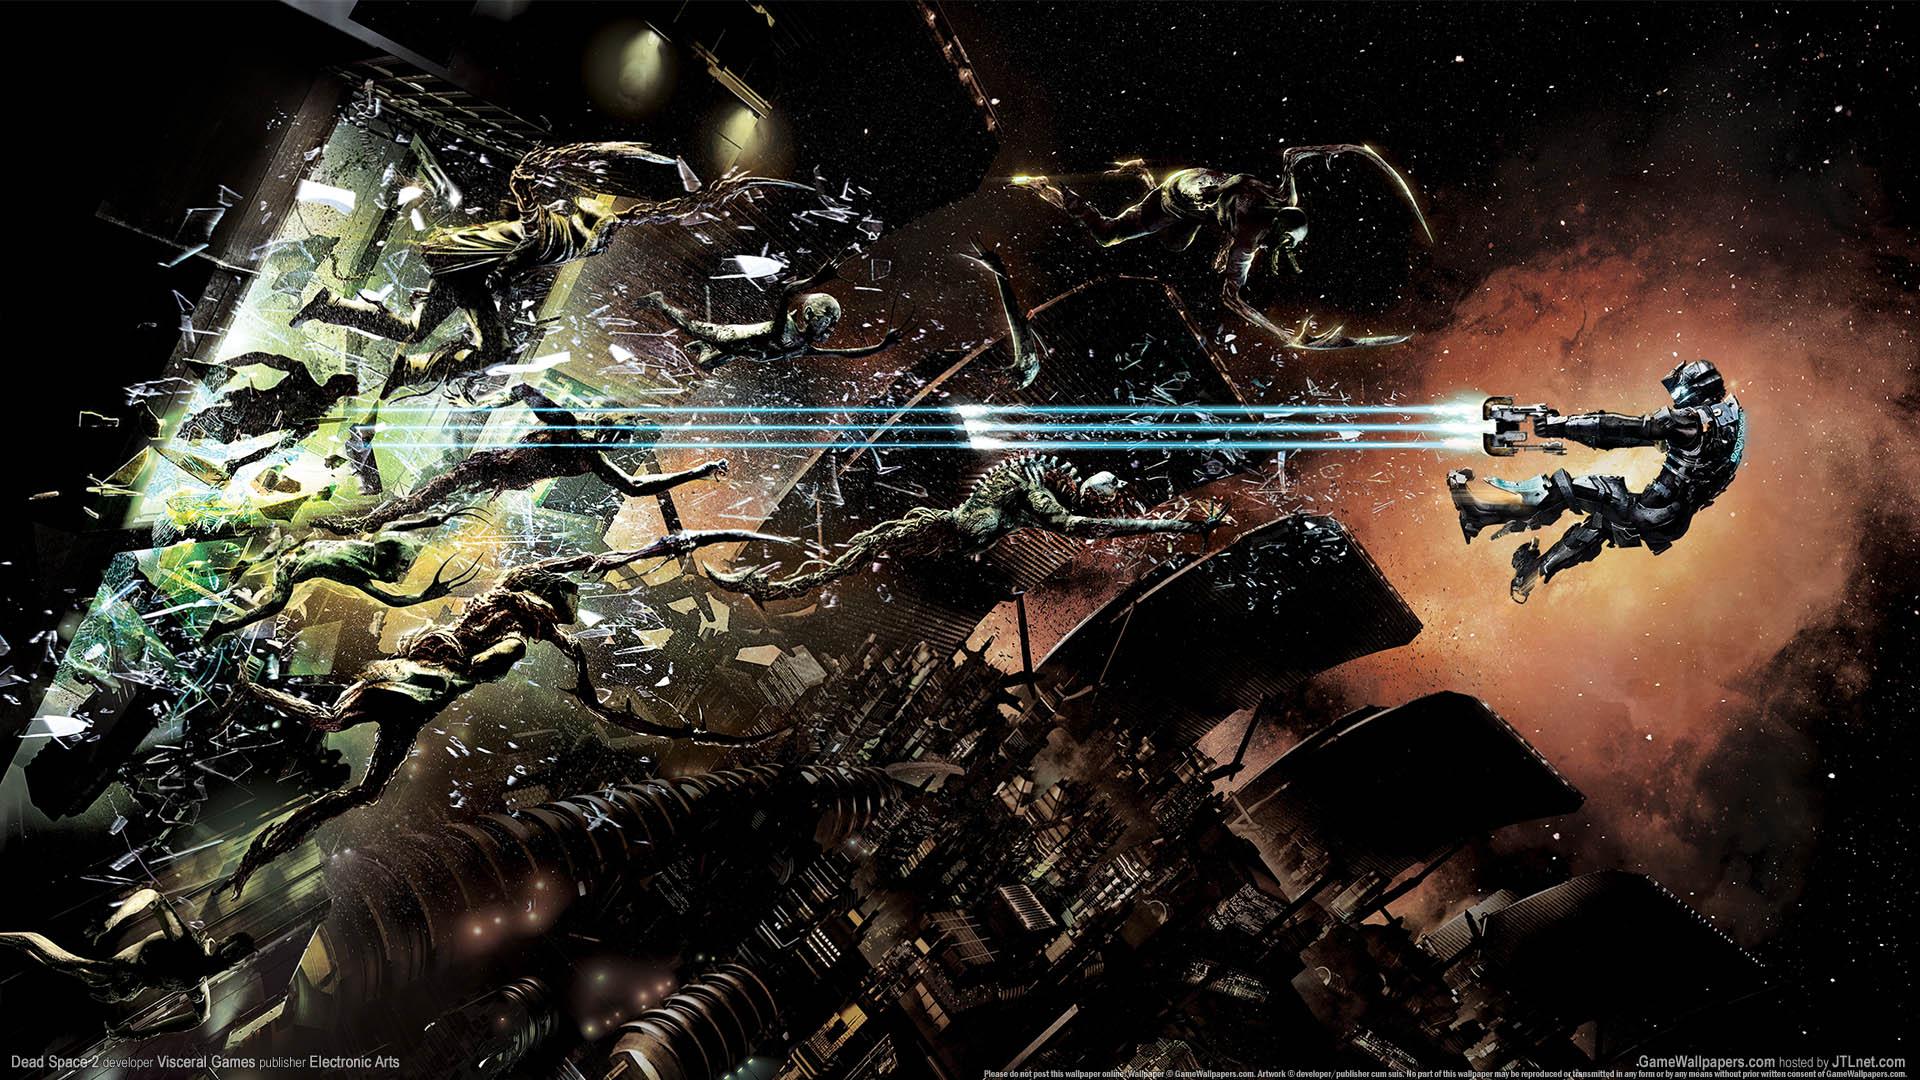 Dead Space 2 wallpaper 07 1920x1080